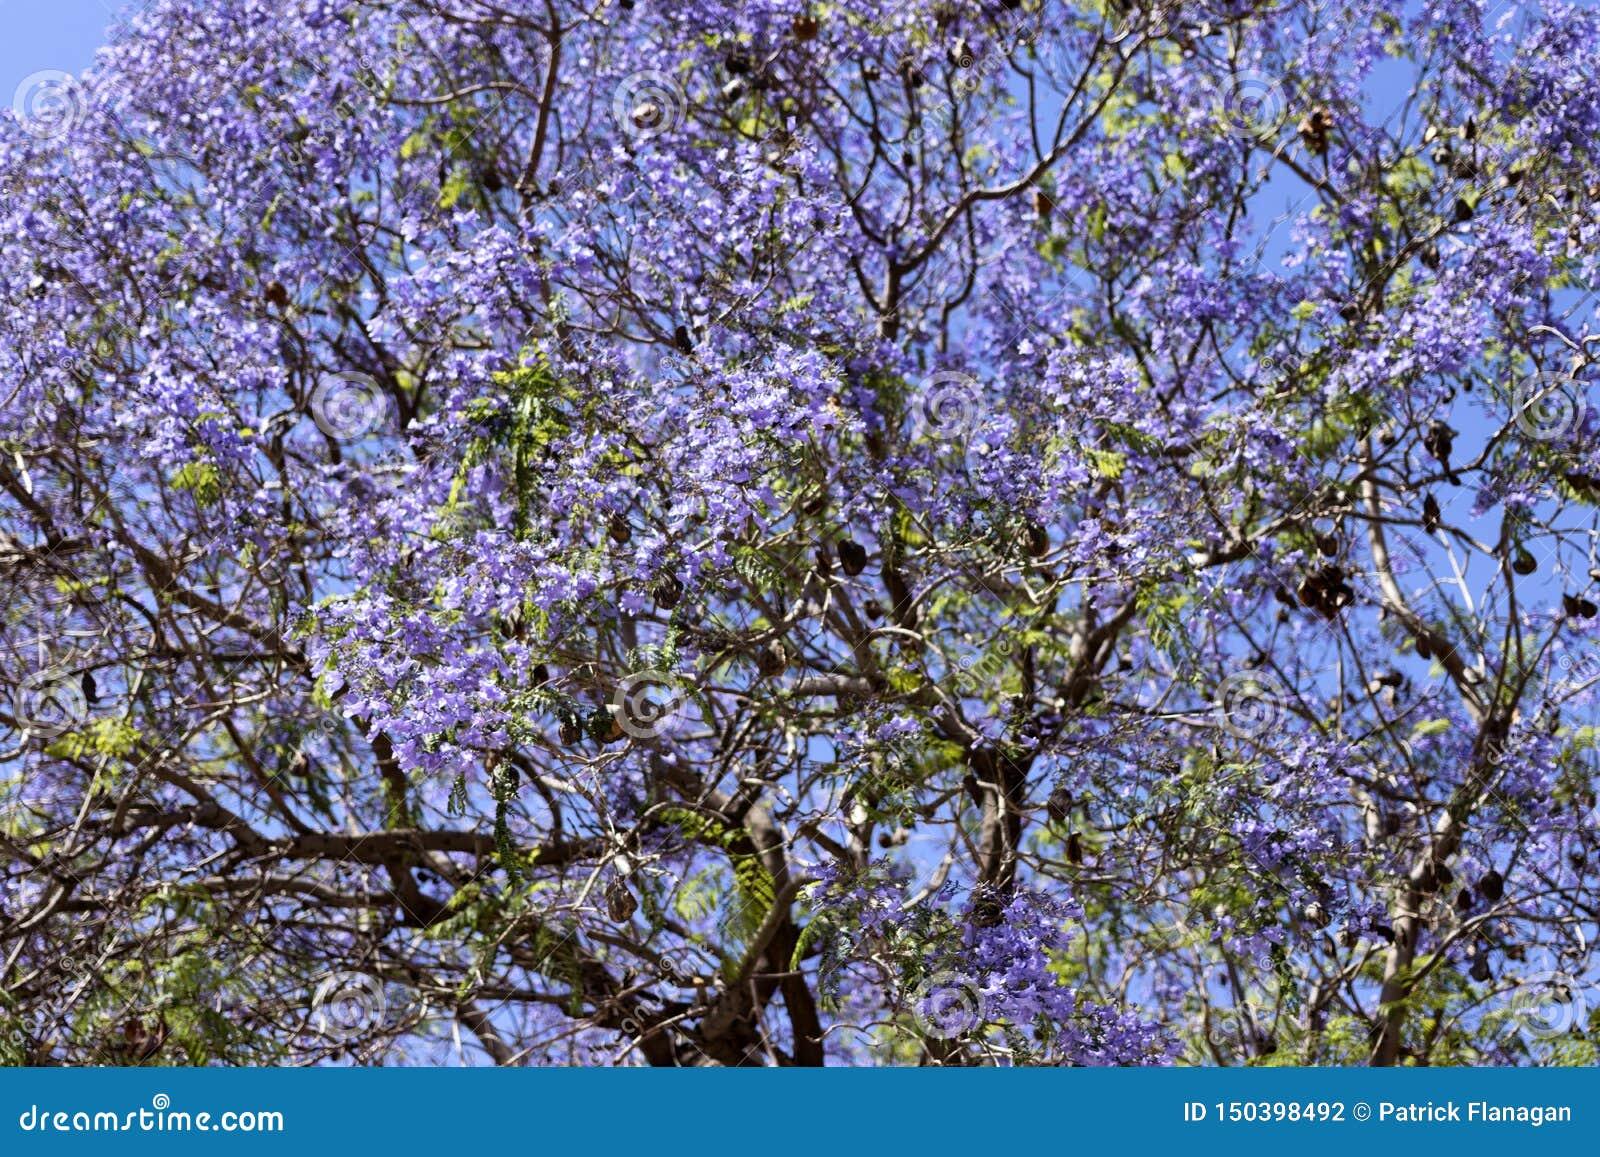 Foto de uma árvore com flores roxas